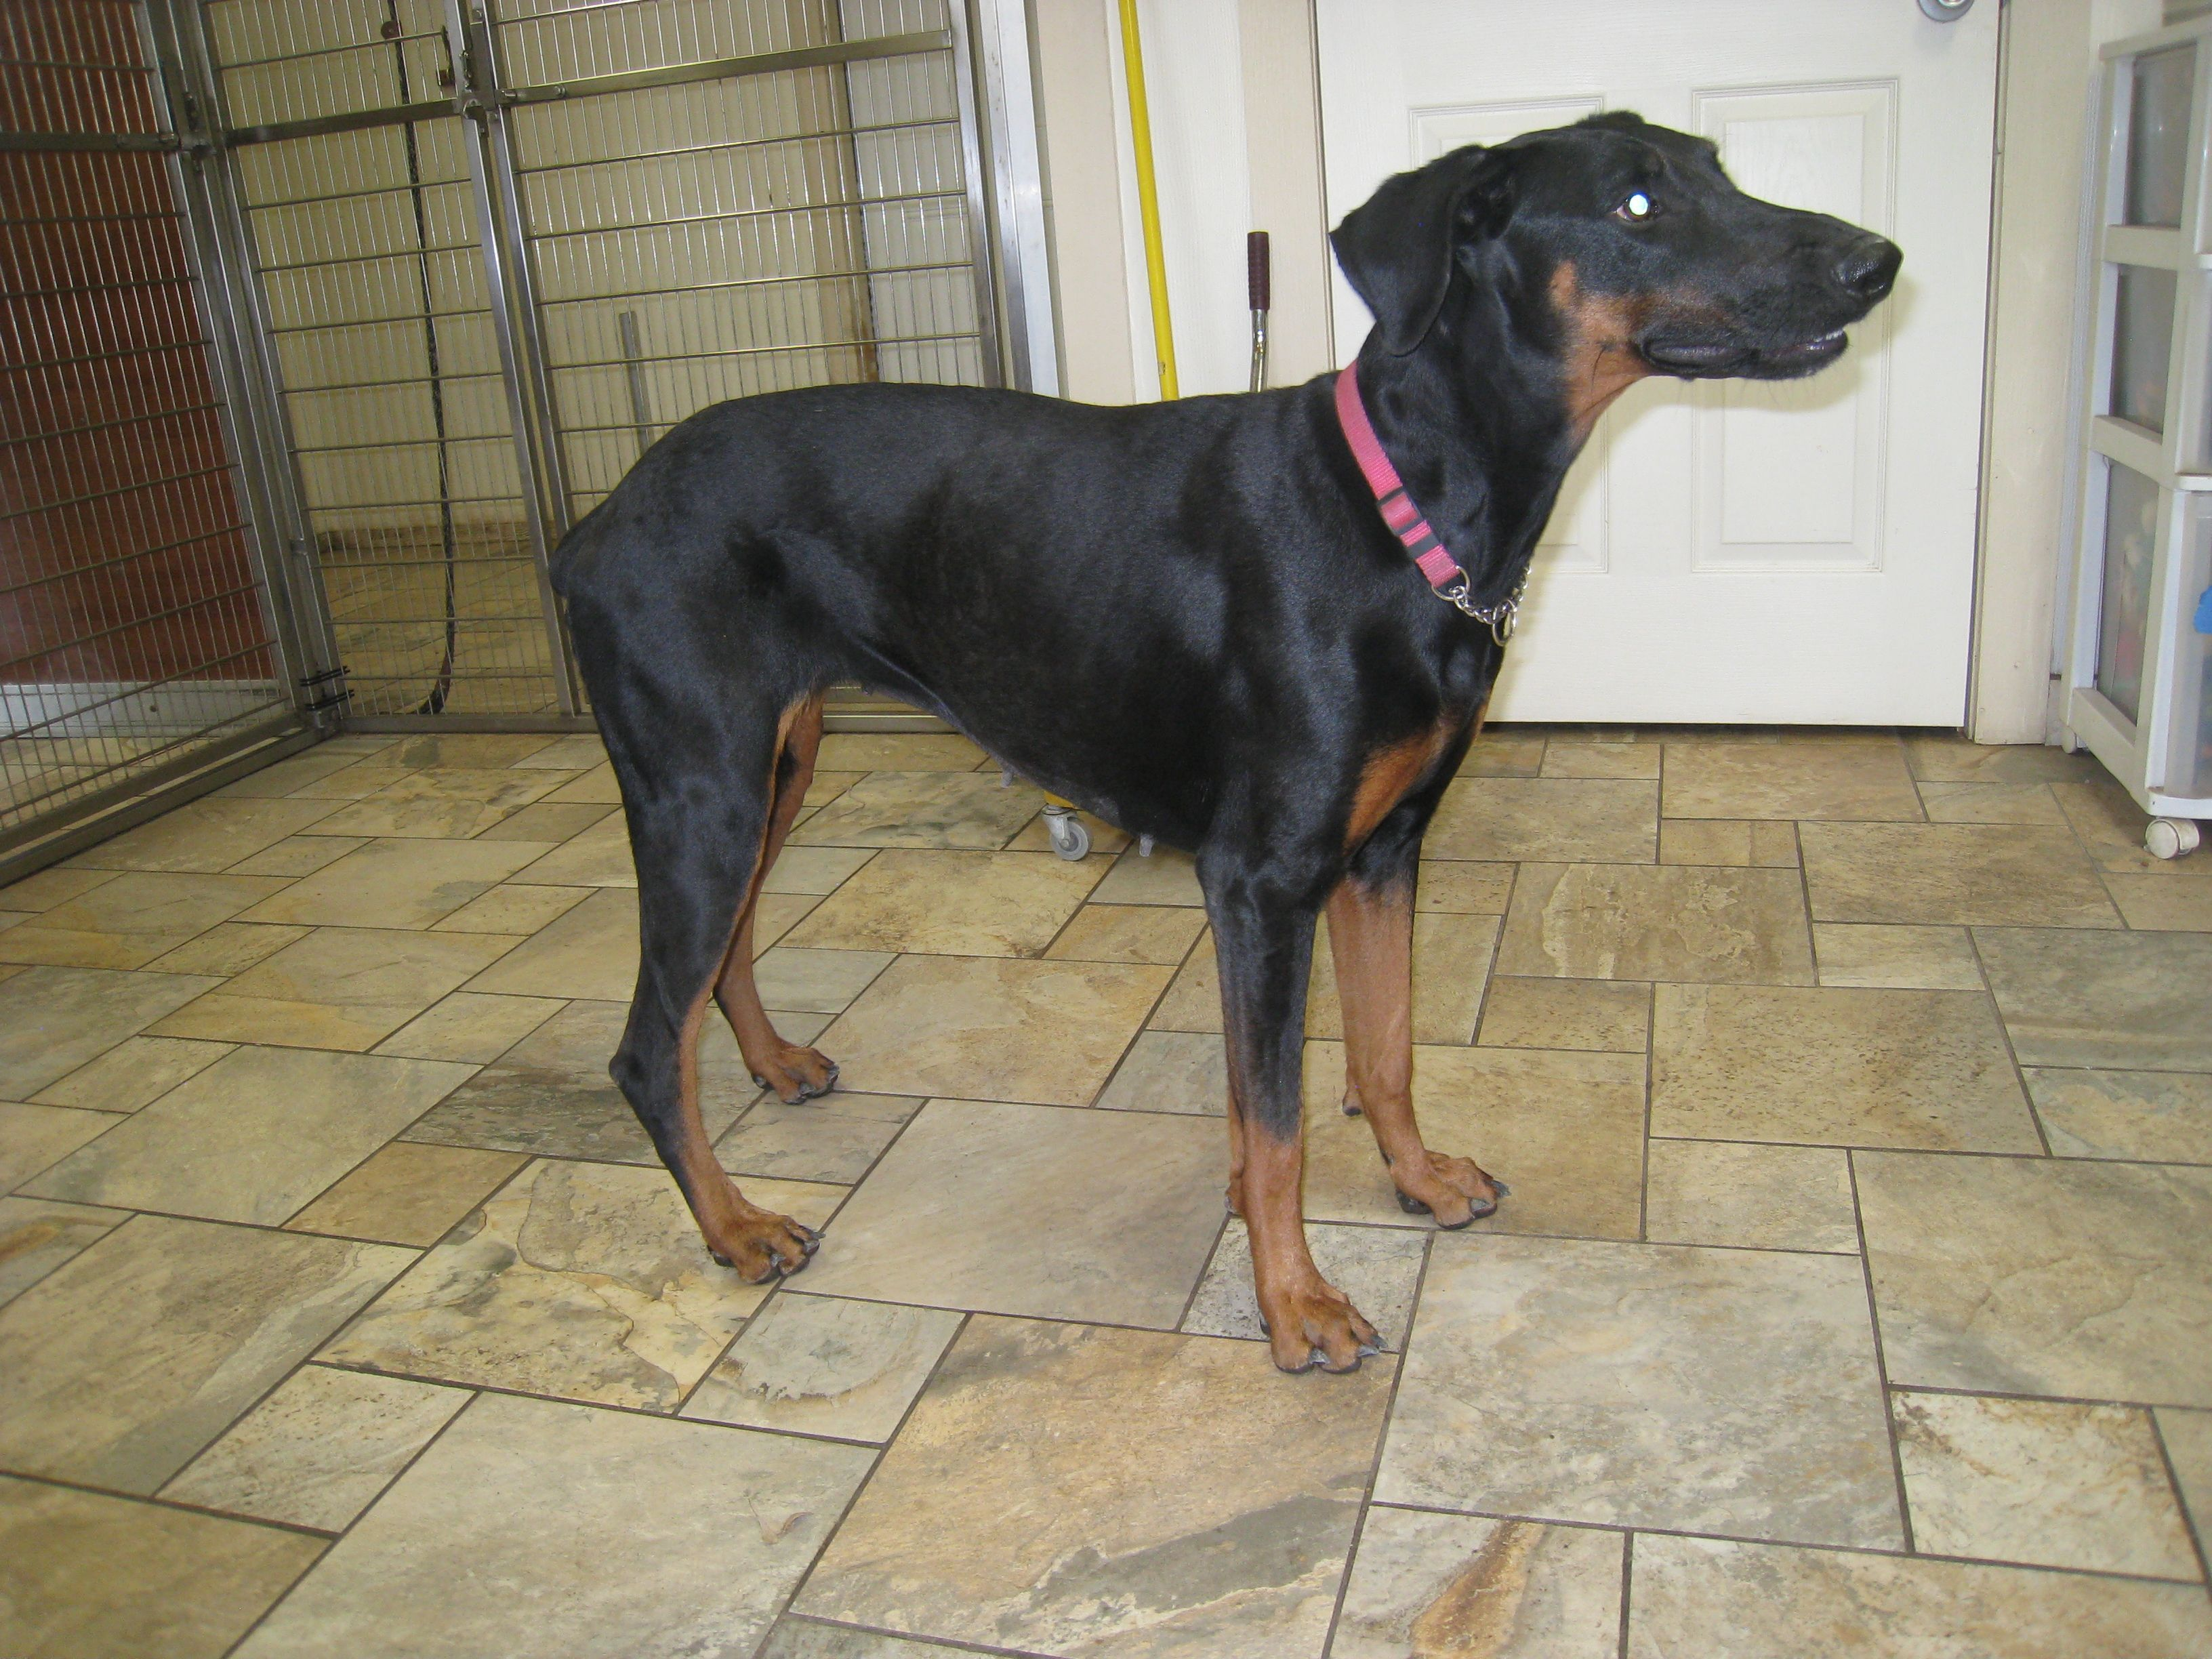 Doberman Pinscher Dog For Adoption In Devine Tx Adn 708982 On Puppyfinder Com Gender Female Age Young With Images Doberman Pinscher Doberman Pinscher Dog Dog Adoption